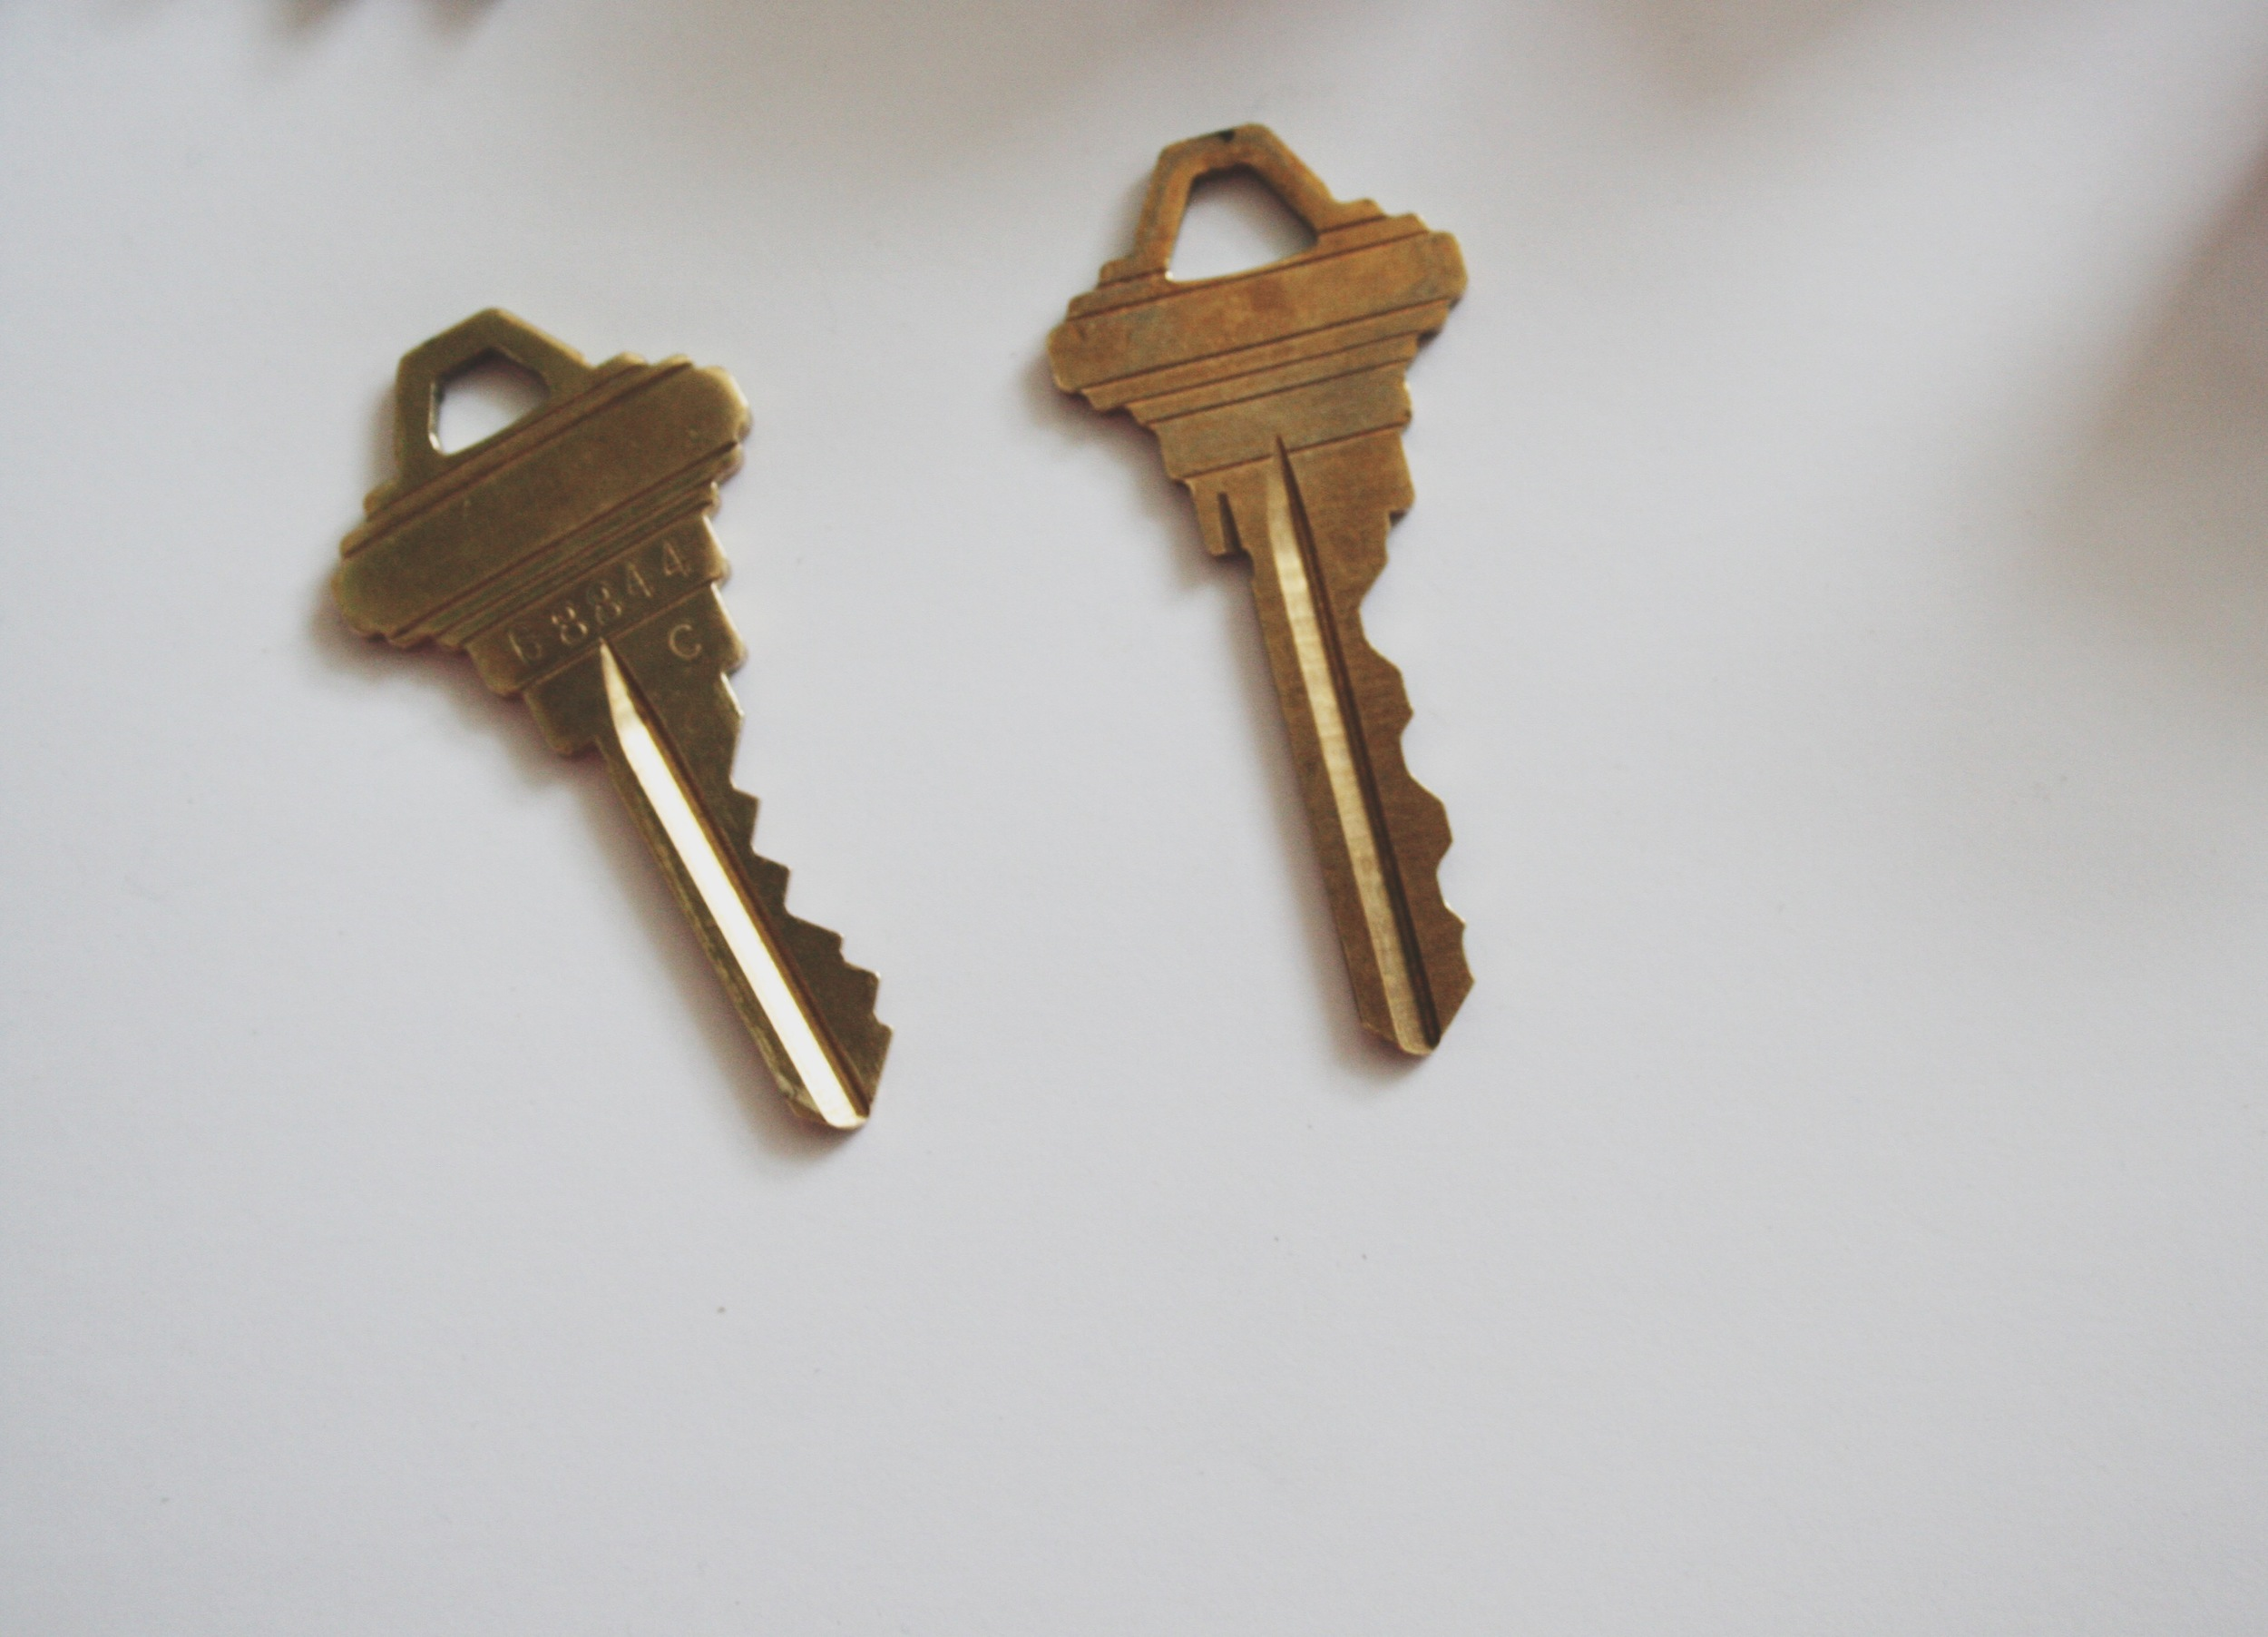 nail polish color coded keys